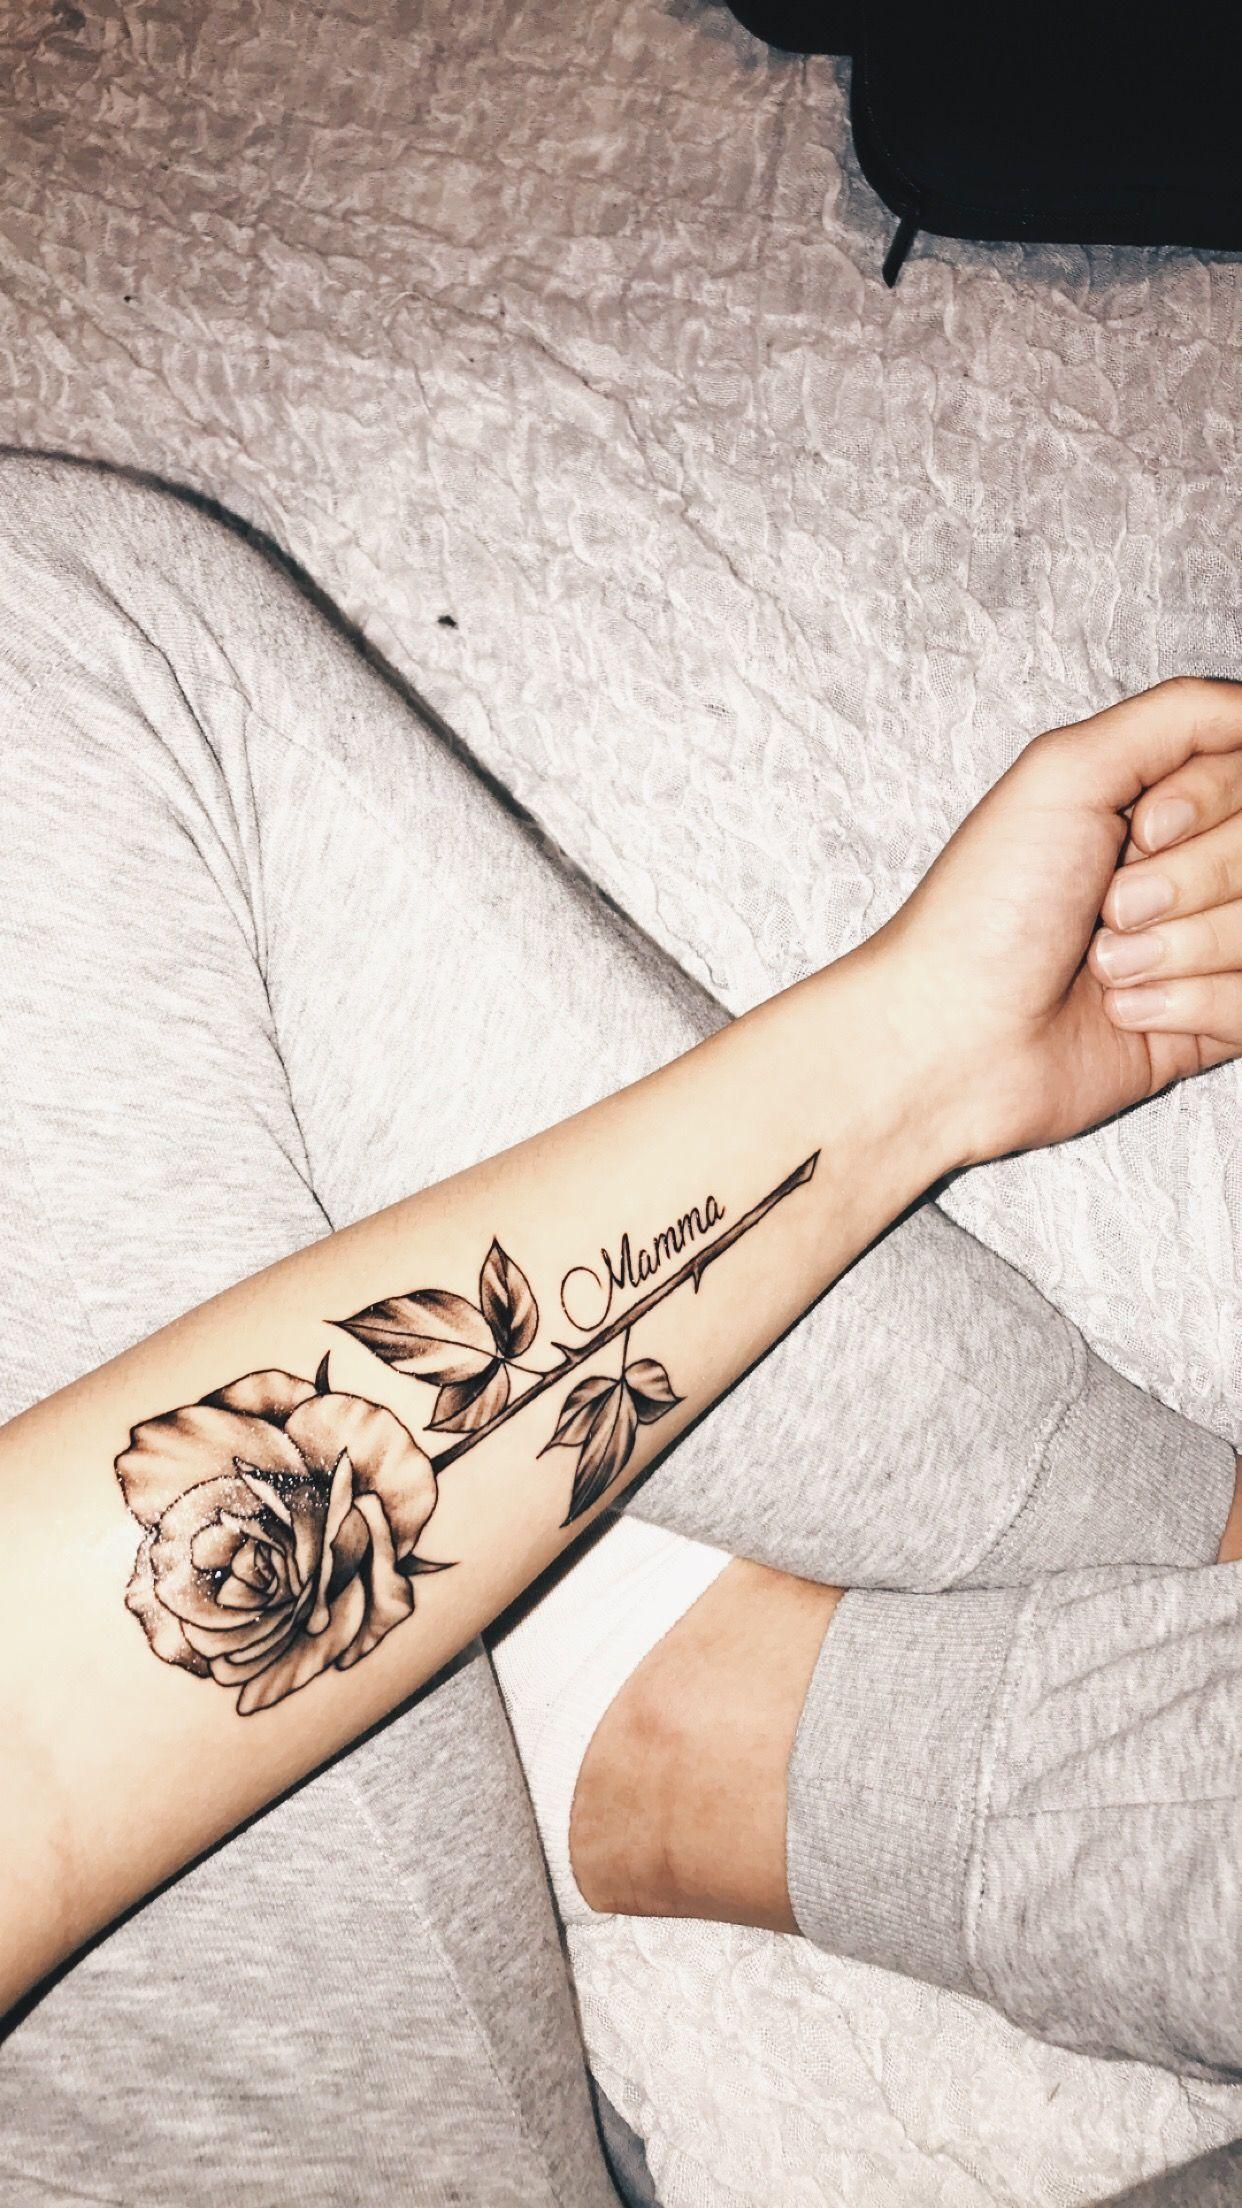 Frau unterarm innenseite tattoo schriften Tattoo Unterarm